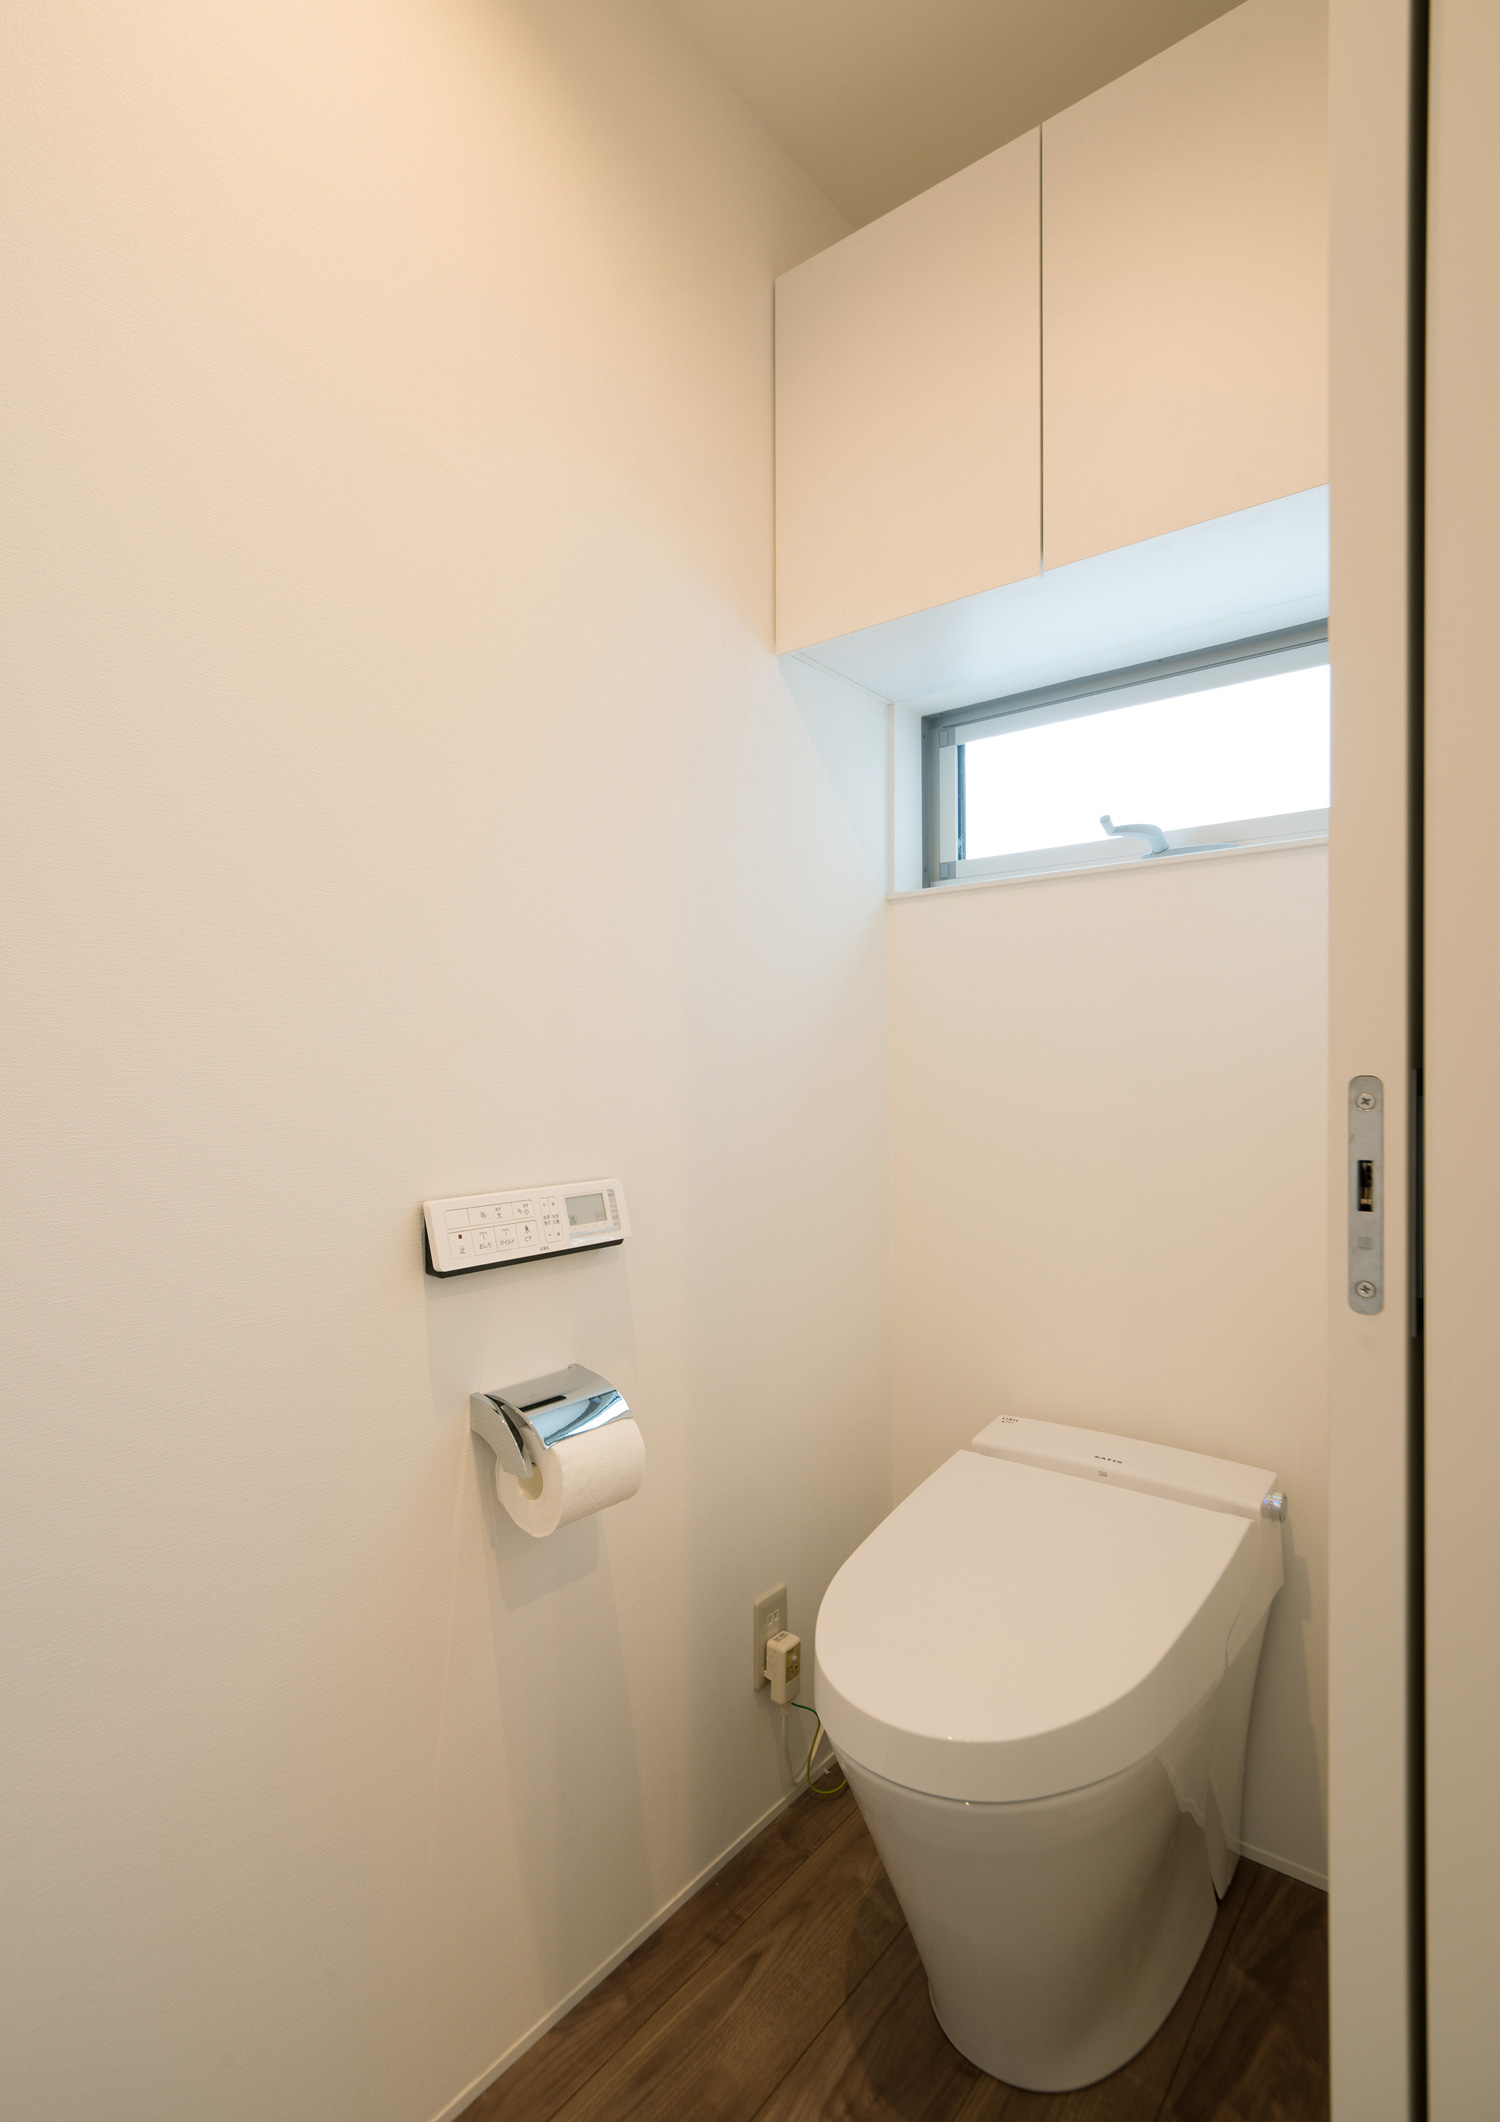 注文住宅・デザイン住宅建築実例_トイレ